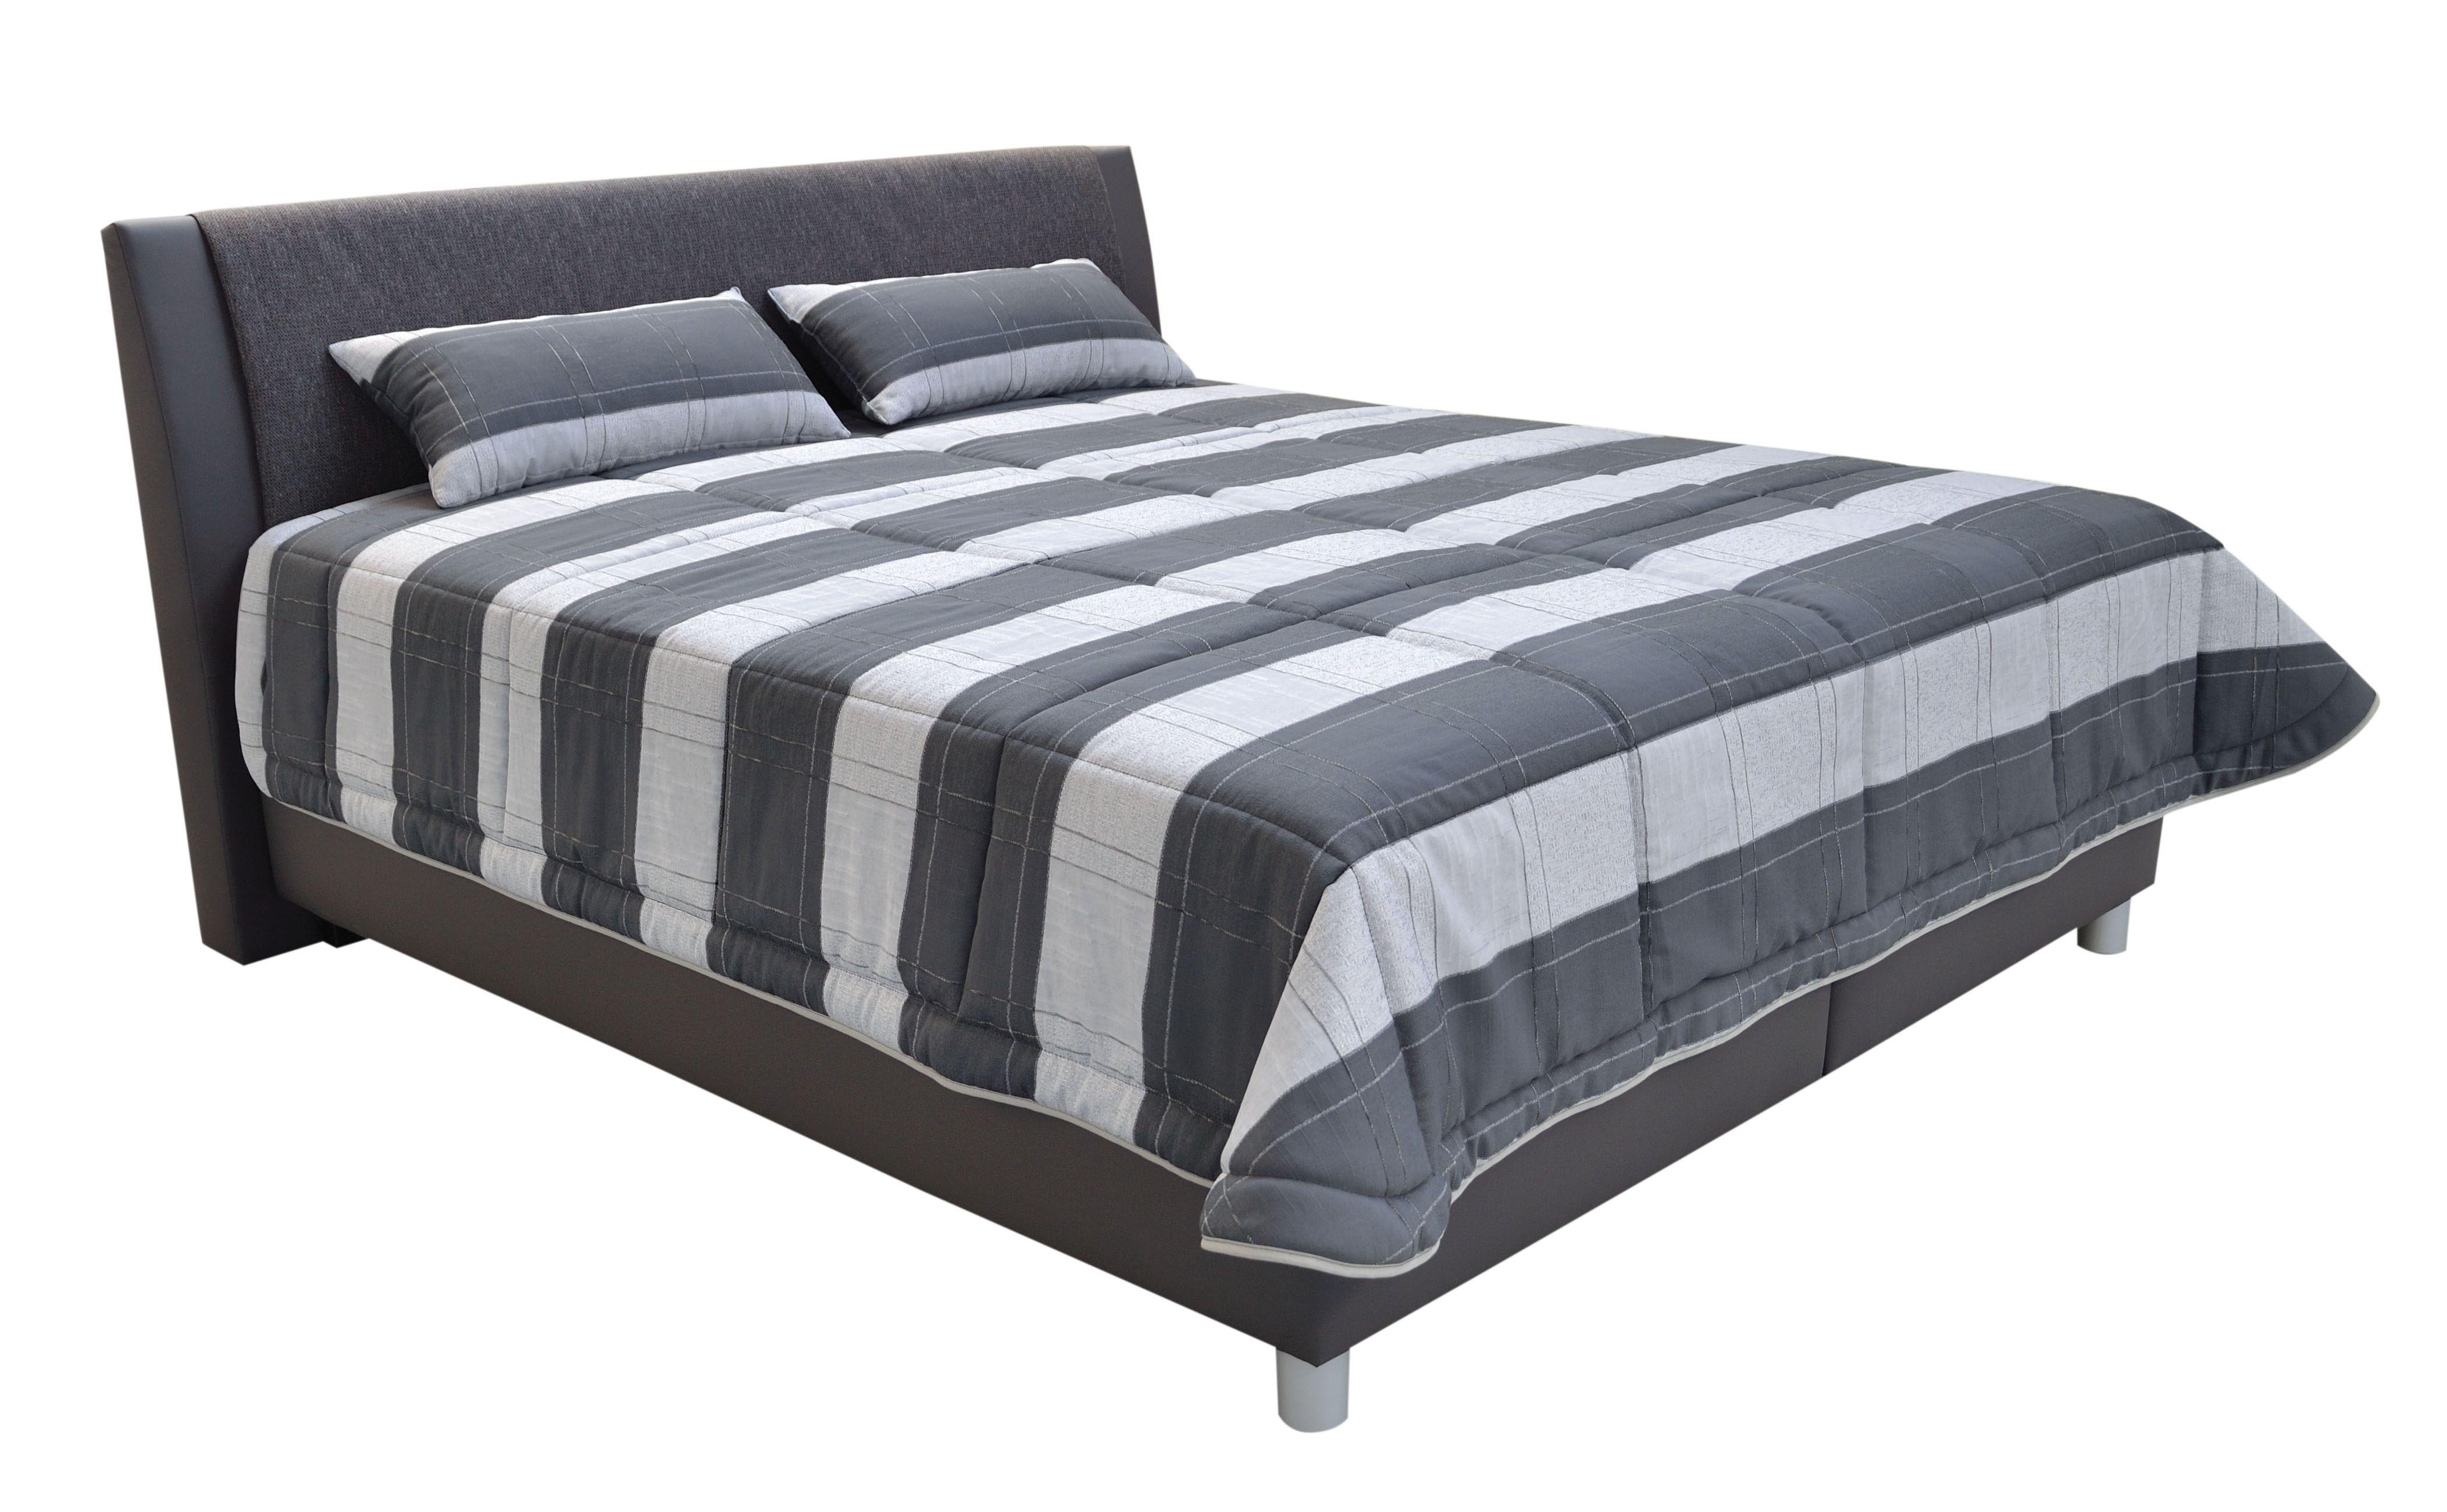 Manželská posteľ 180 cm - Blanár - Taranto (sivá) (s roštom a matracom IVANA PLUS). Doprava ZDARMA. Sme autorizovaný predajca Blanár. Vlastná spoľahlivá doprava až k Vám domov.